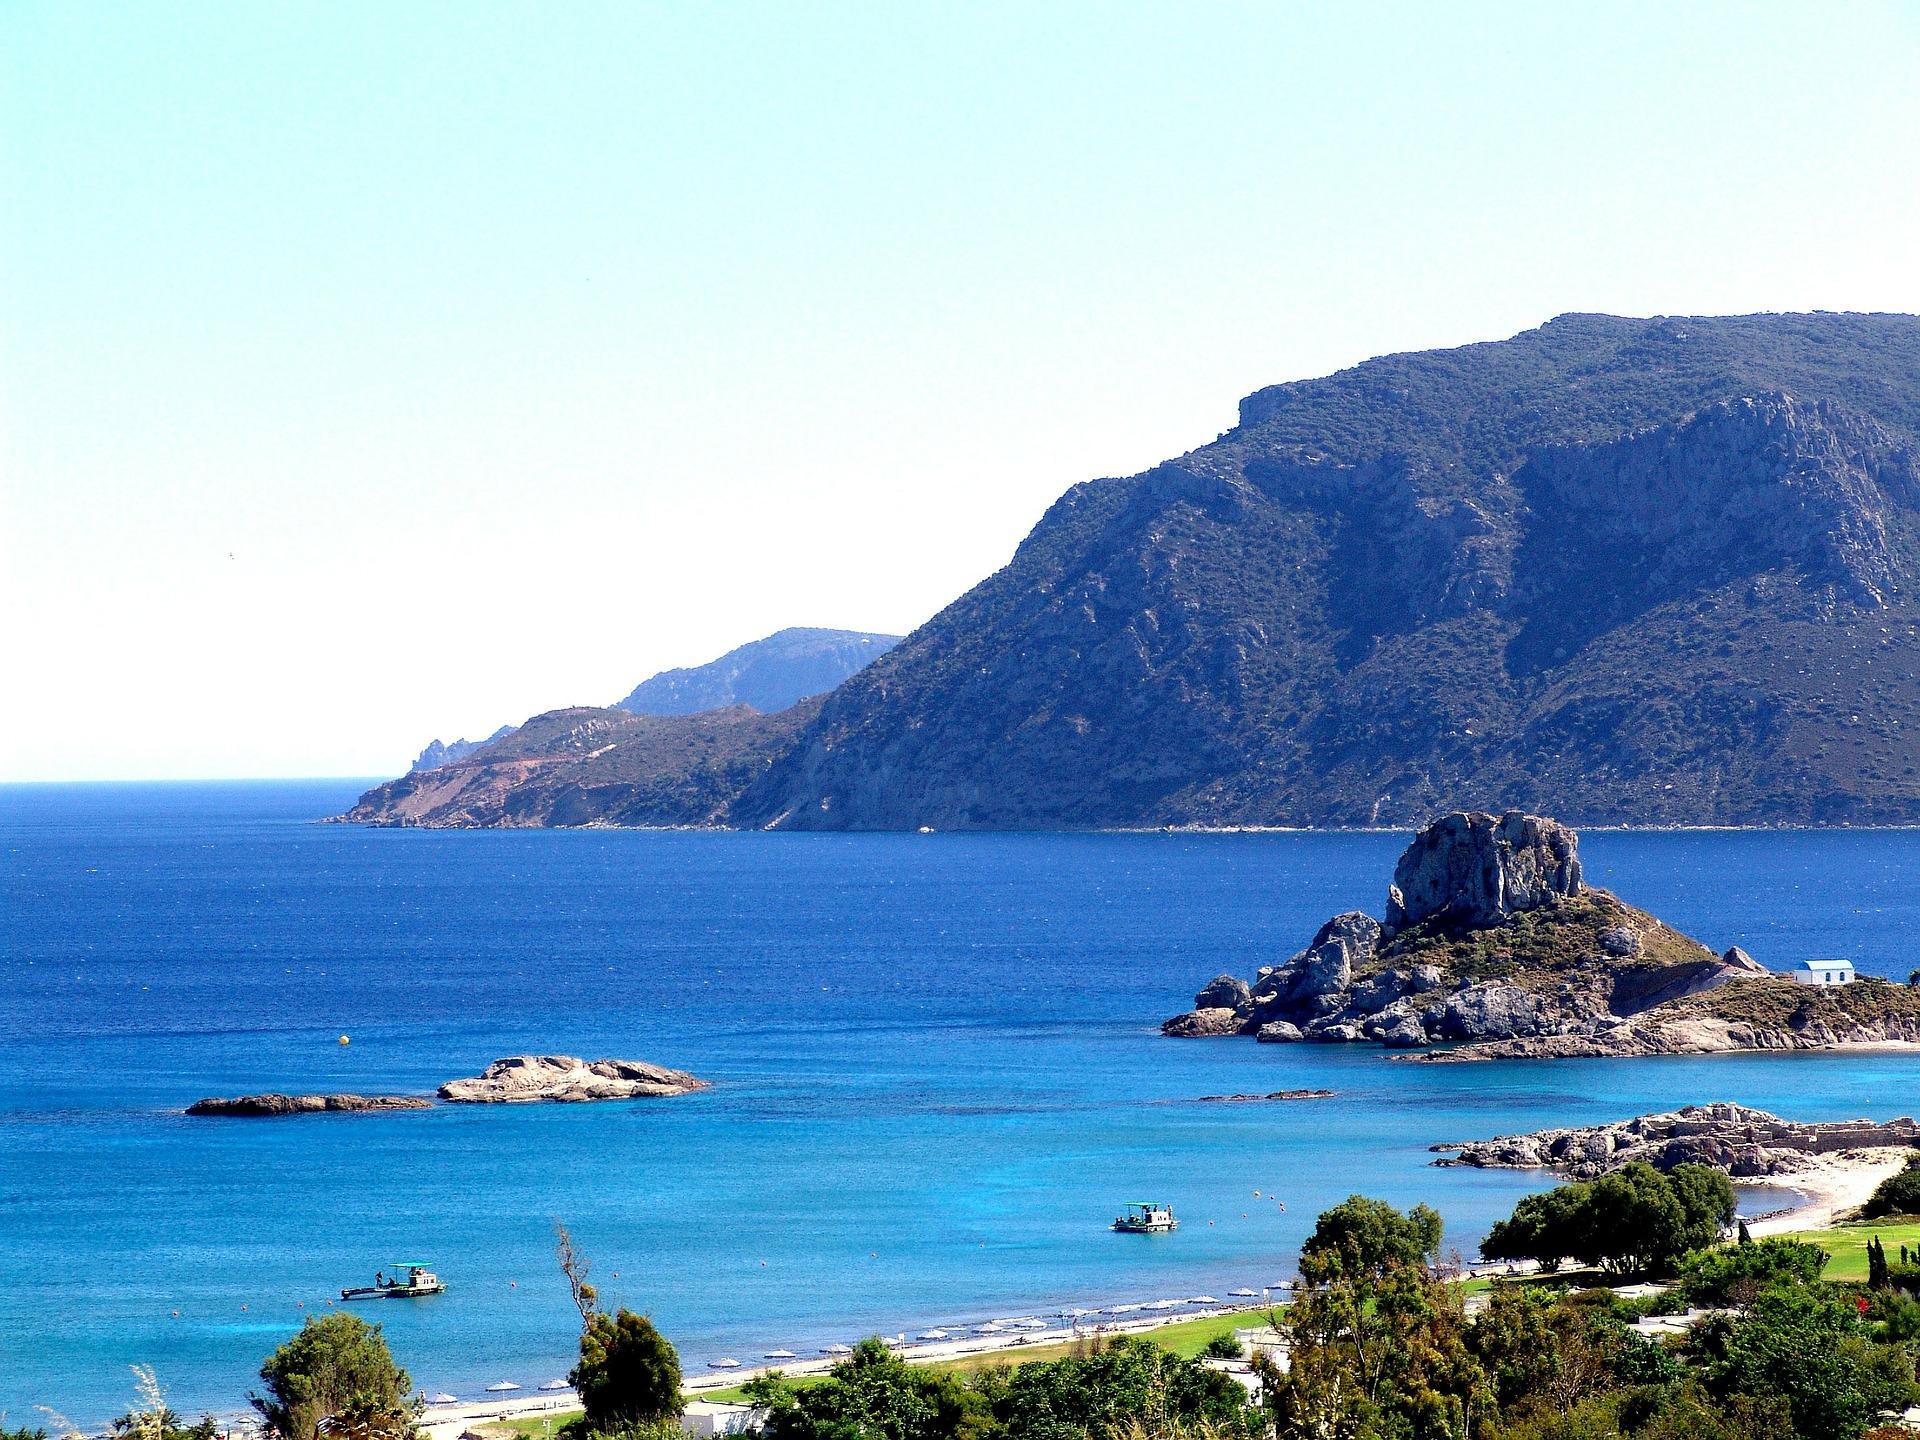 Vielä vähän kesää, kiitos: syysloma Kosin saarella